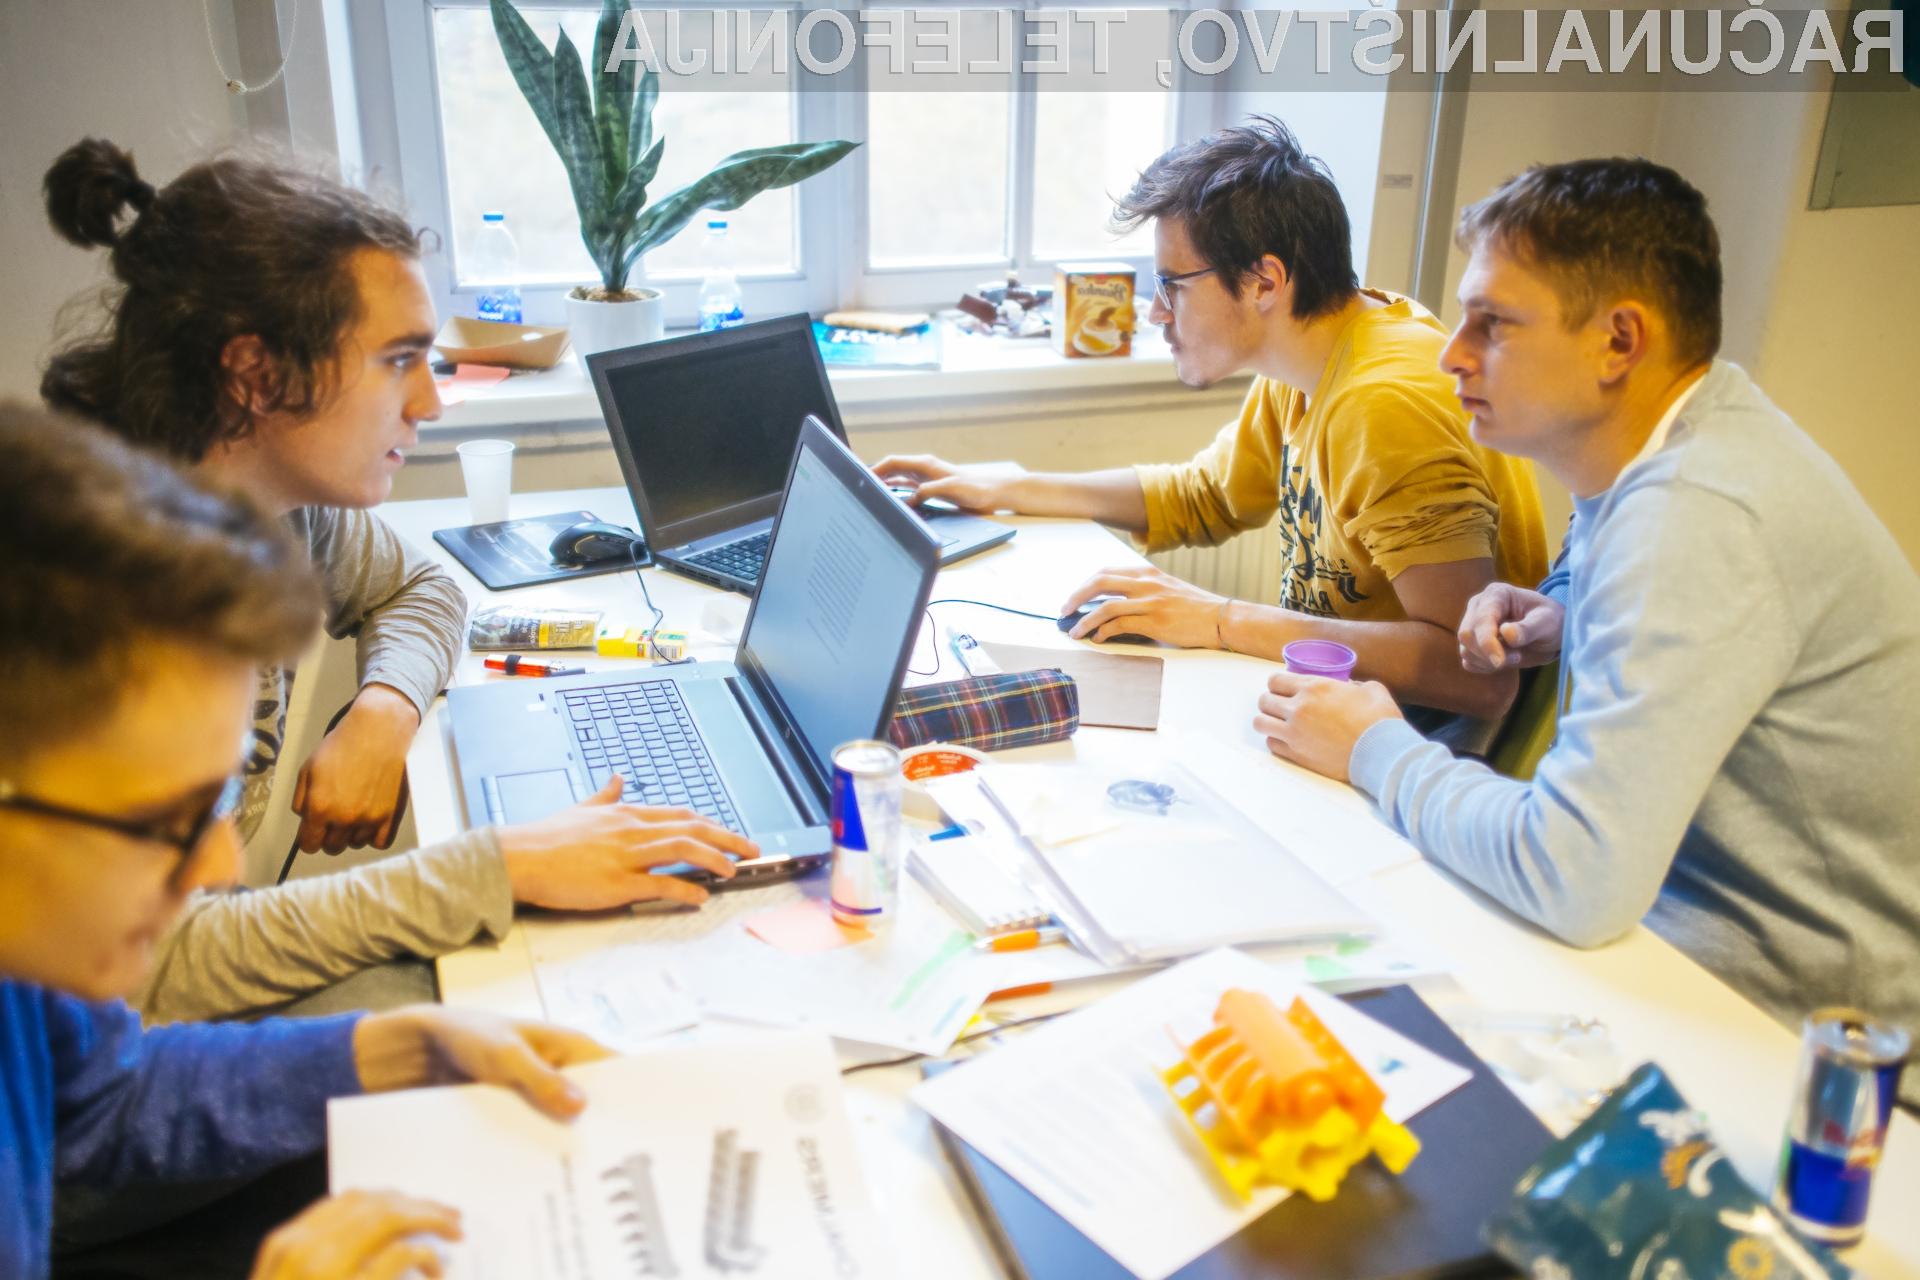 Na Electrathonu bodo iskali inovativne načine za nadzor omrežnega sistema. Foto: Siniša Kanižaj